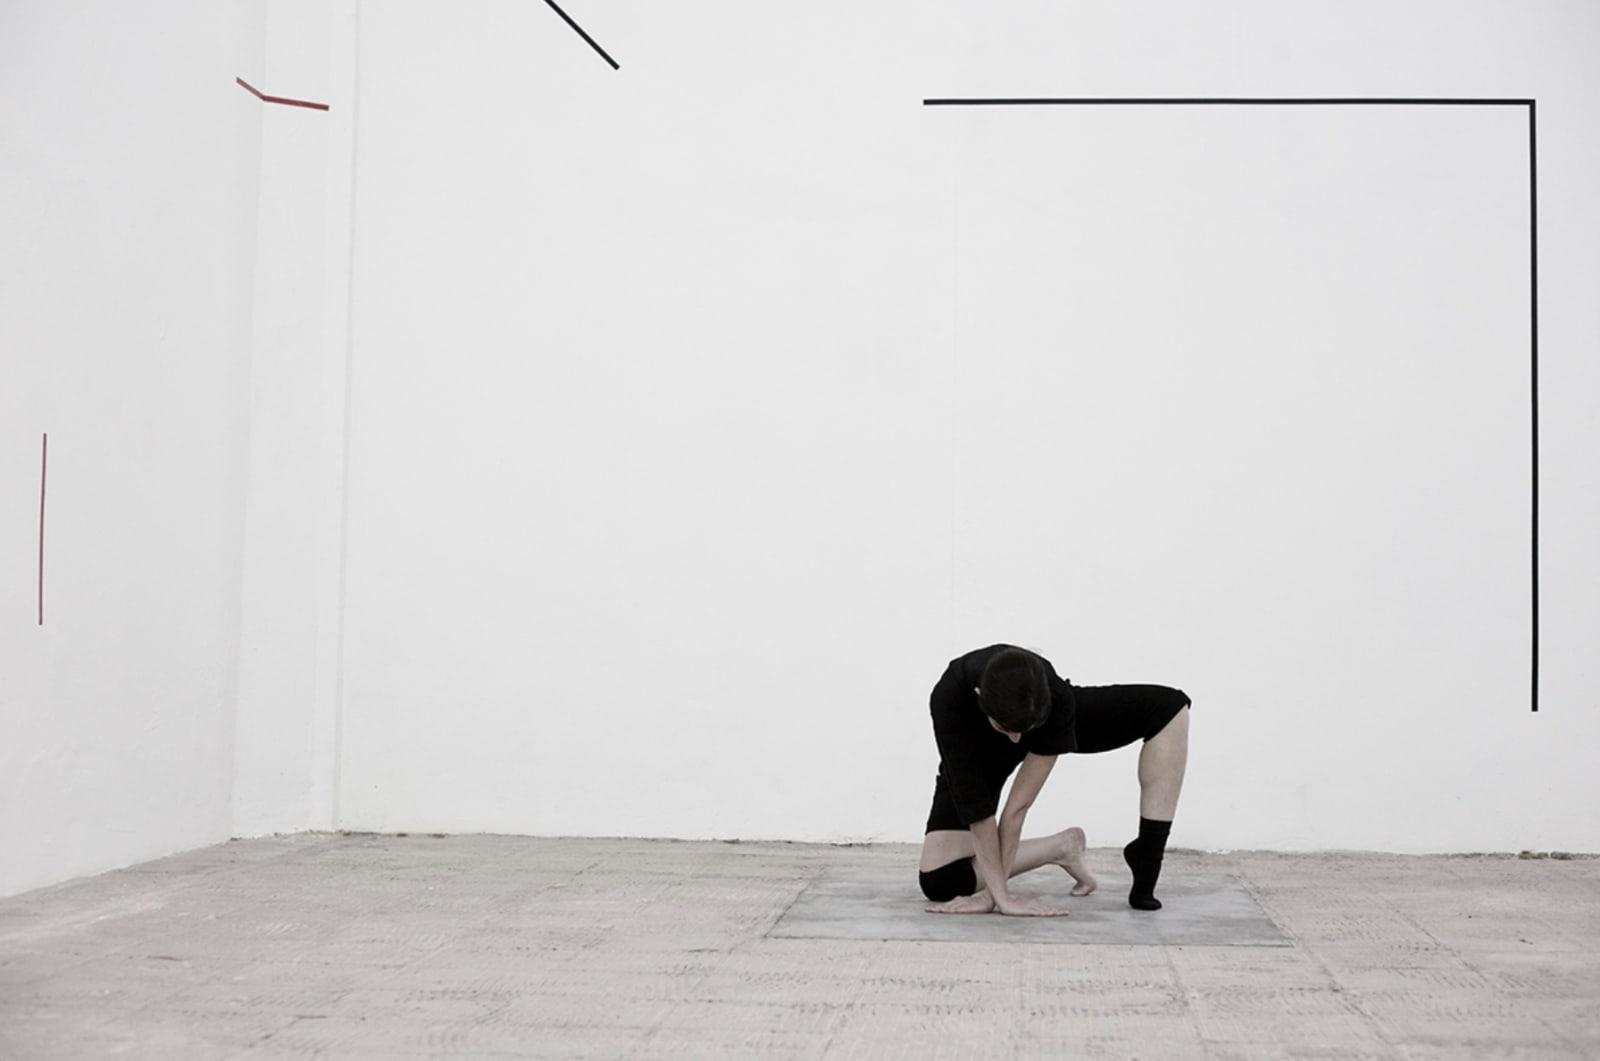 Maria Noujaim, No language, 2018 performed at Galeria Jaqueline Martins, São Paulo, 2018